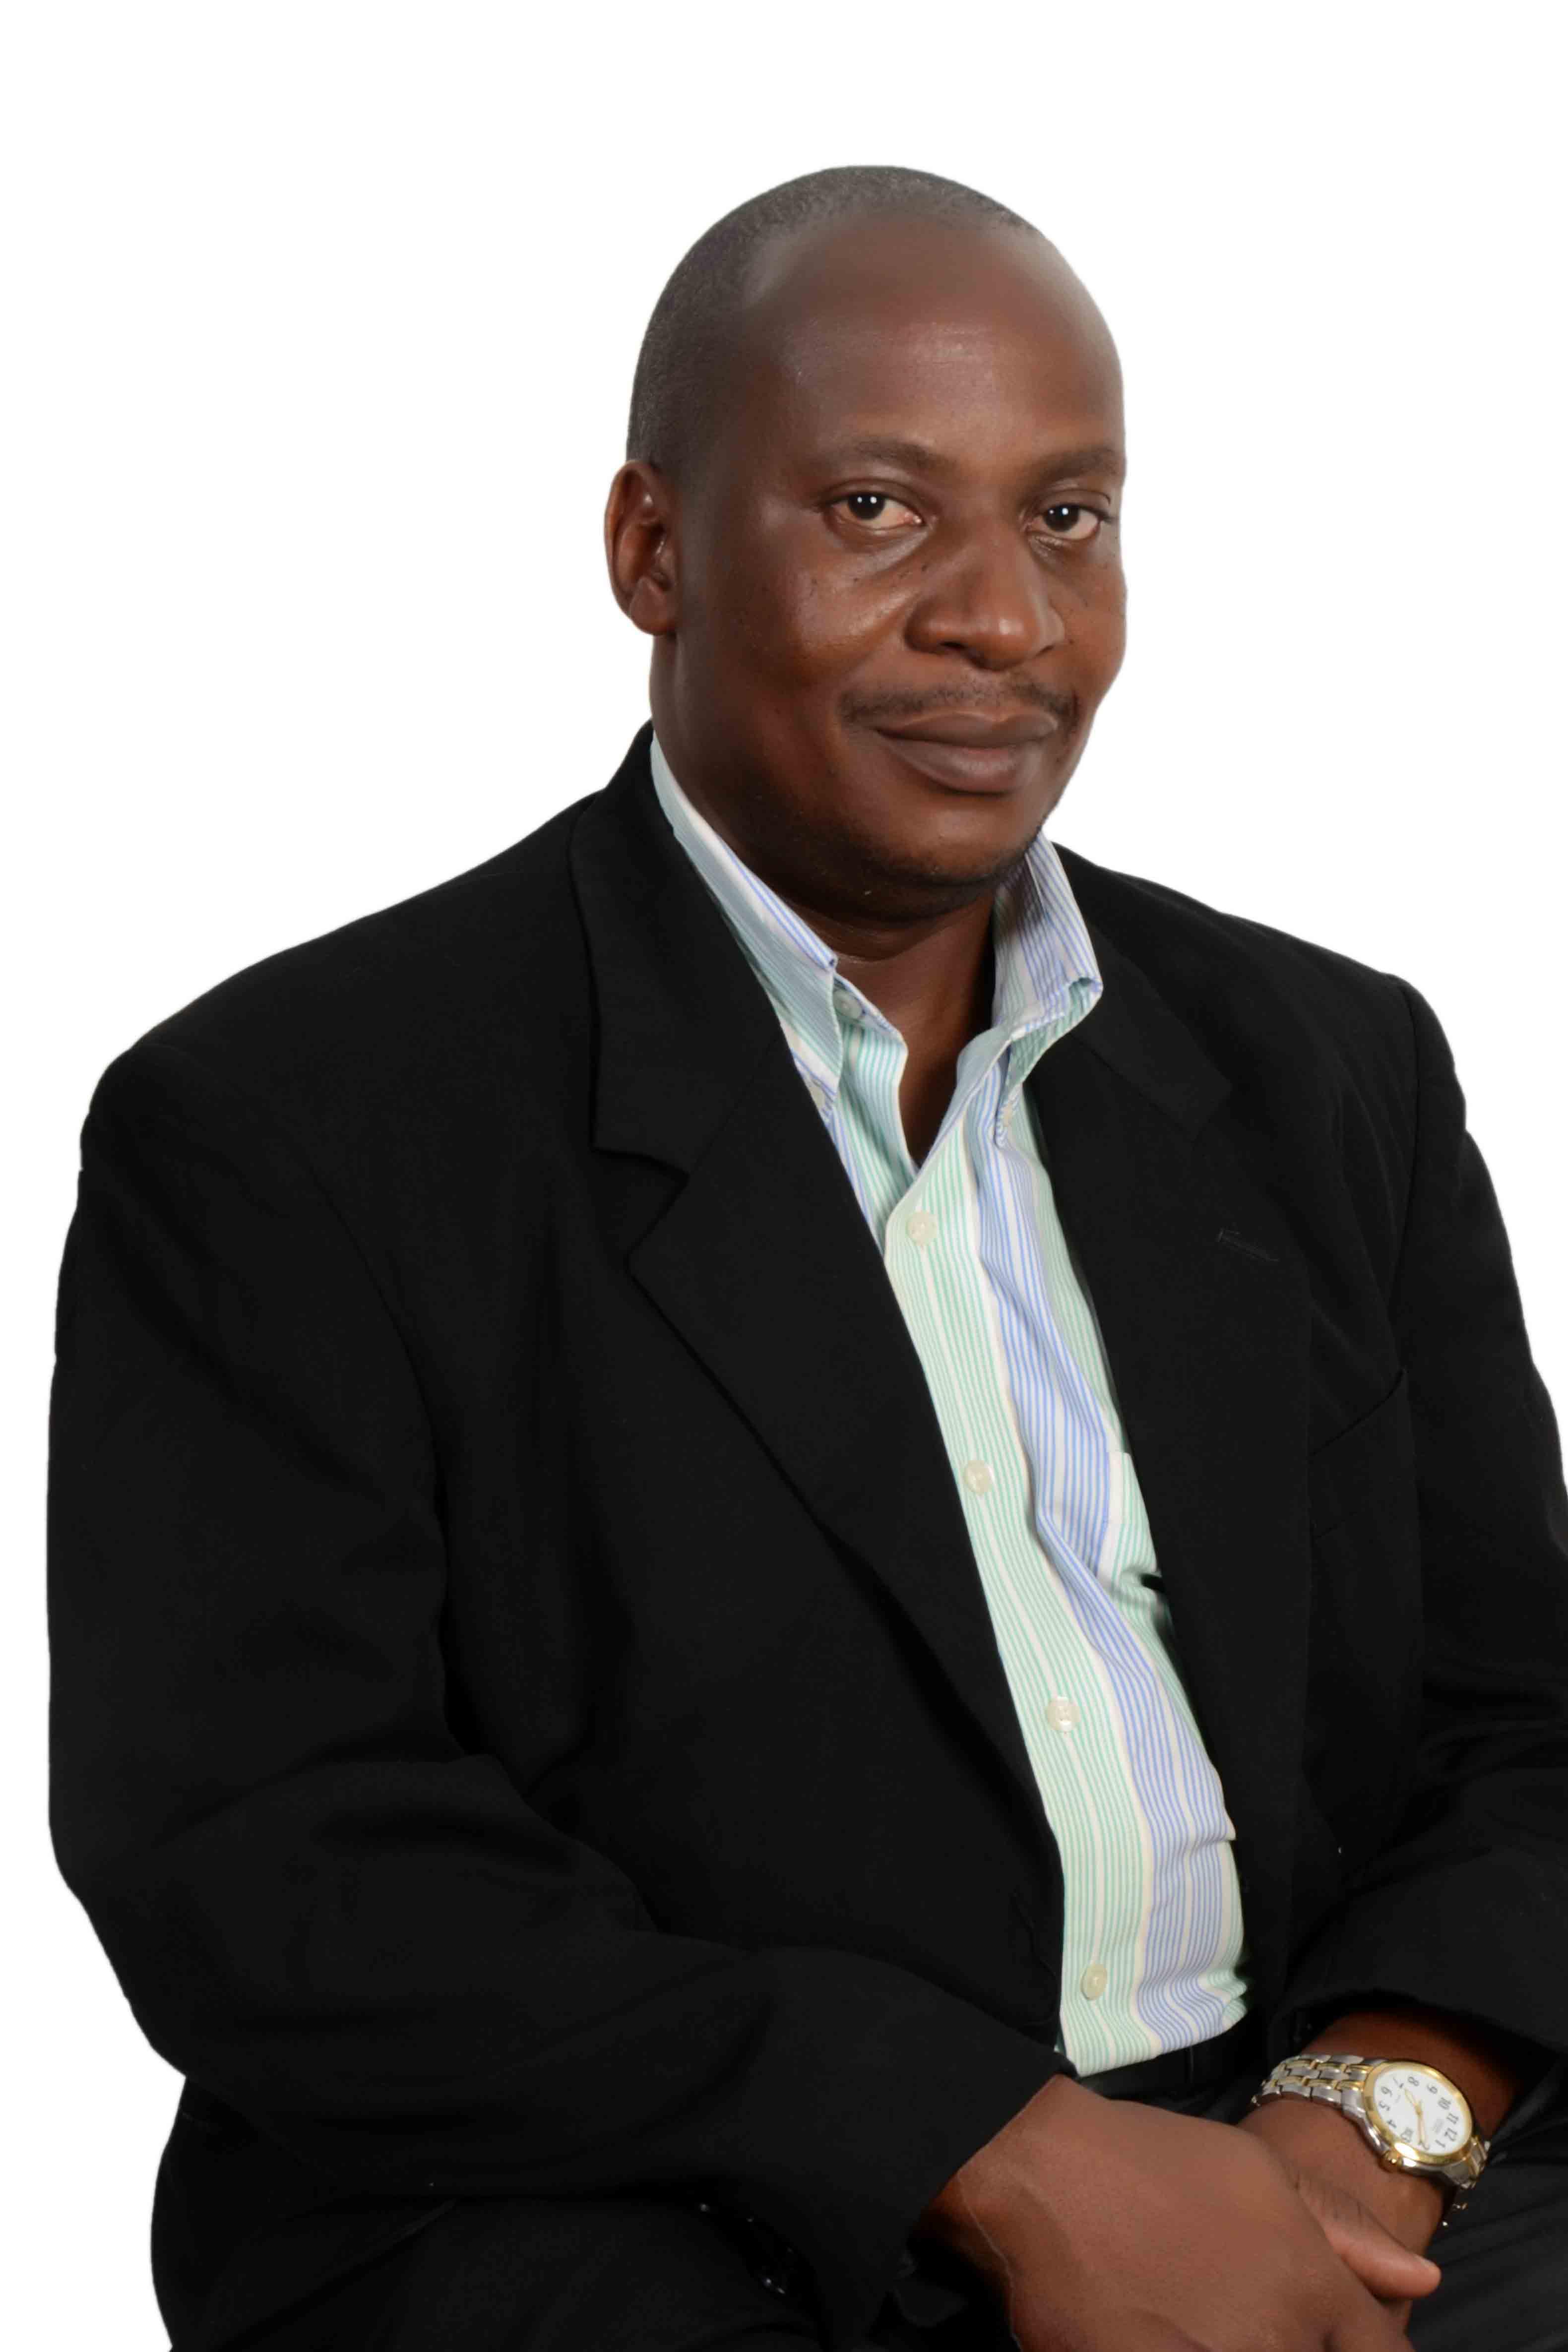 Emmanuel Ssewankambo C.E.O Nabisere Hotel